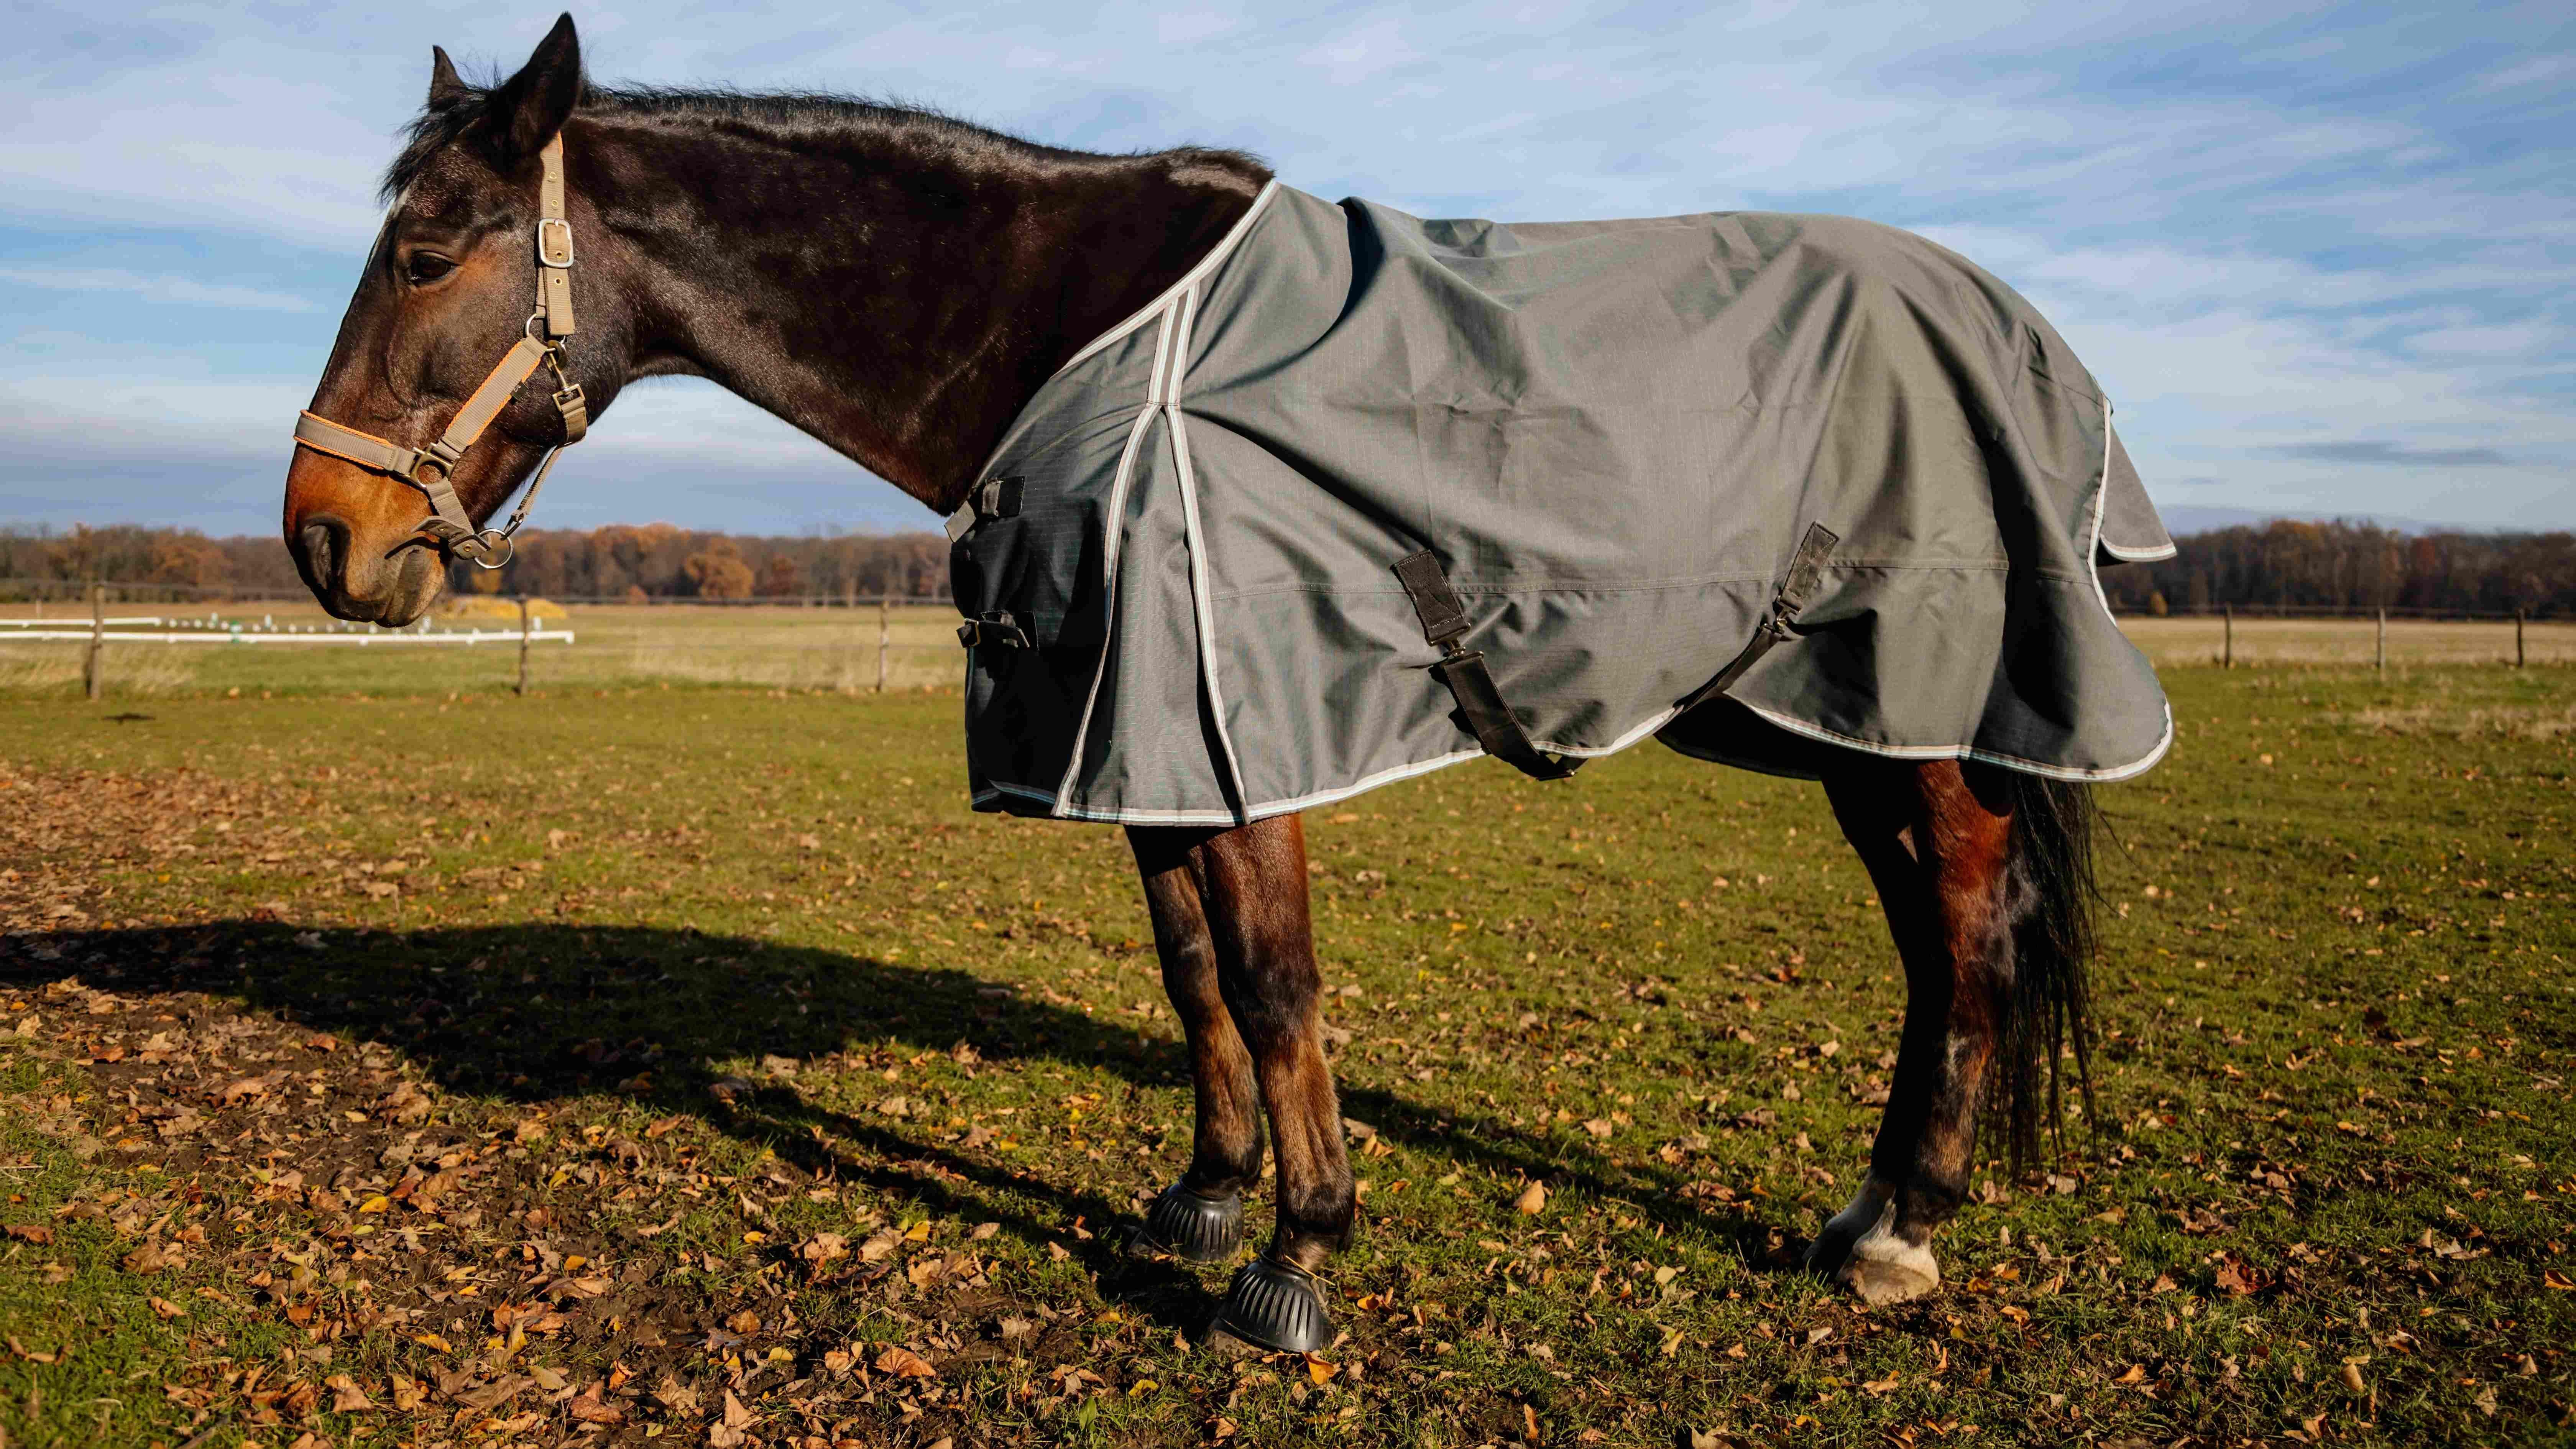 Comment choisir  une couverture pour cheval